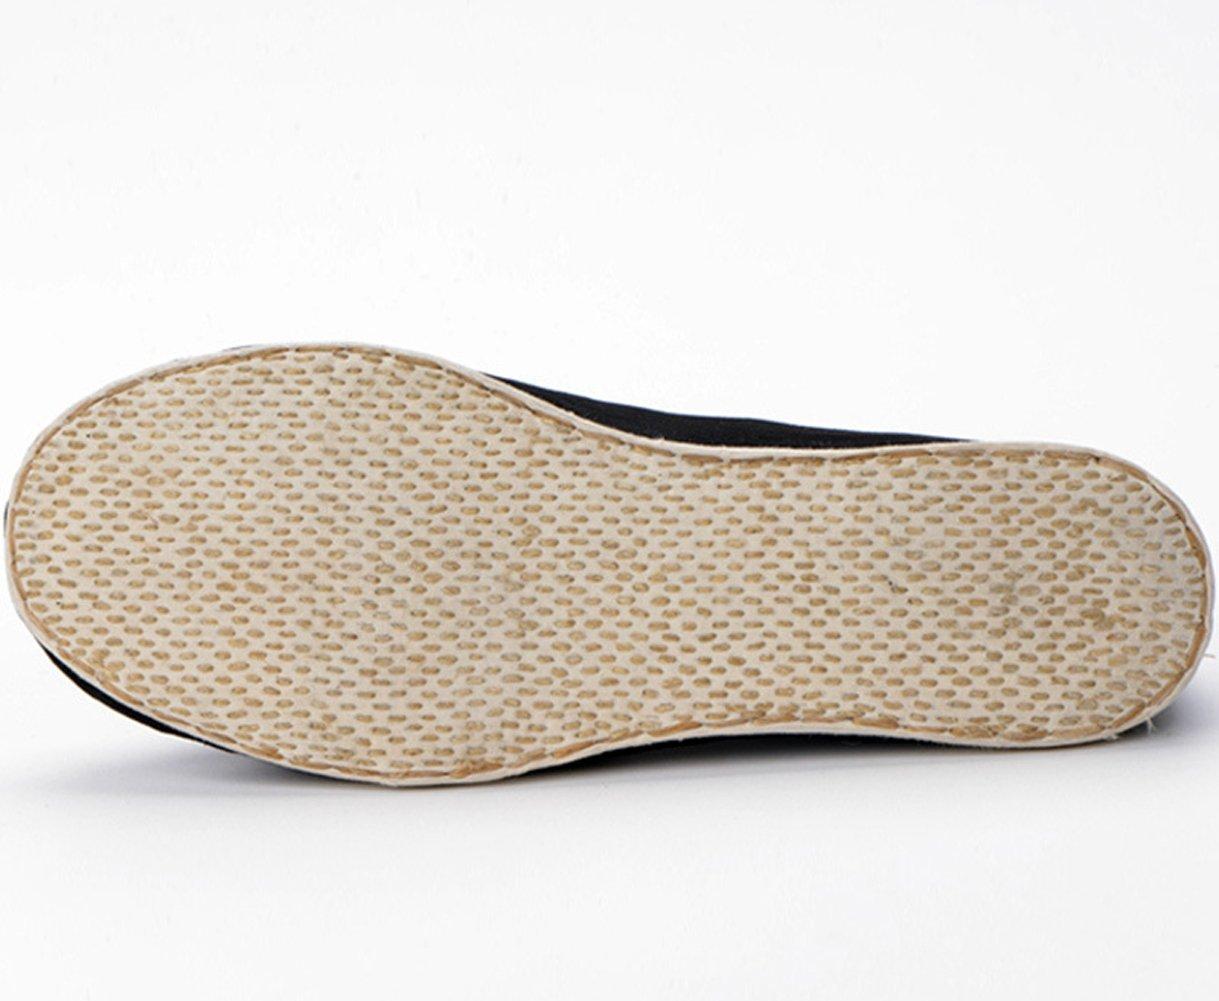 insun Bordado del Hombre Kung Fu Soporte de Zapatos, Color Negro, Talla 40 EU